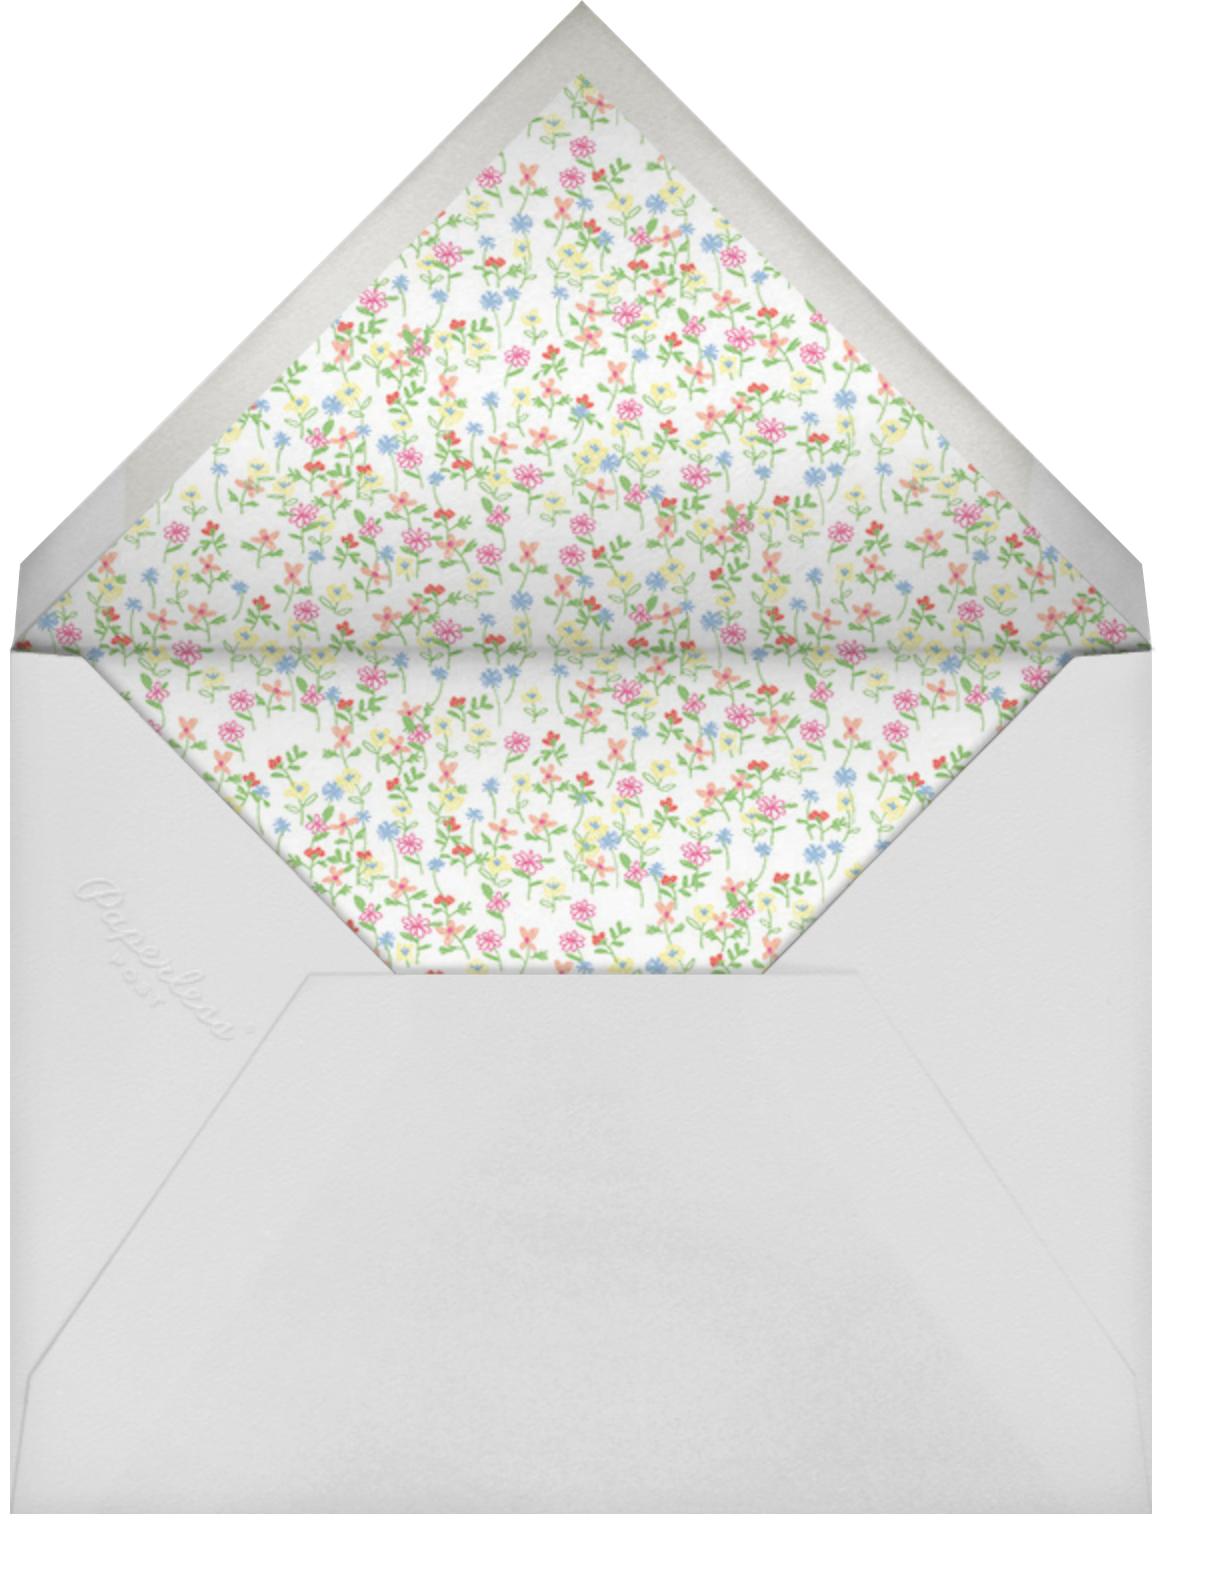 Floral Support - Lingerie - Paperless Post - Bridal shower - envelope back